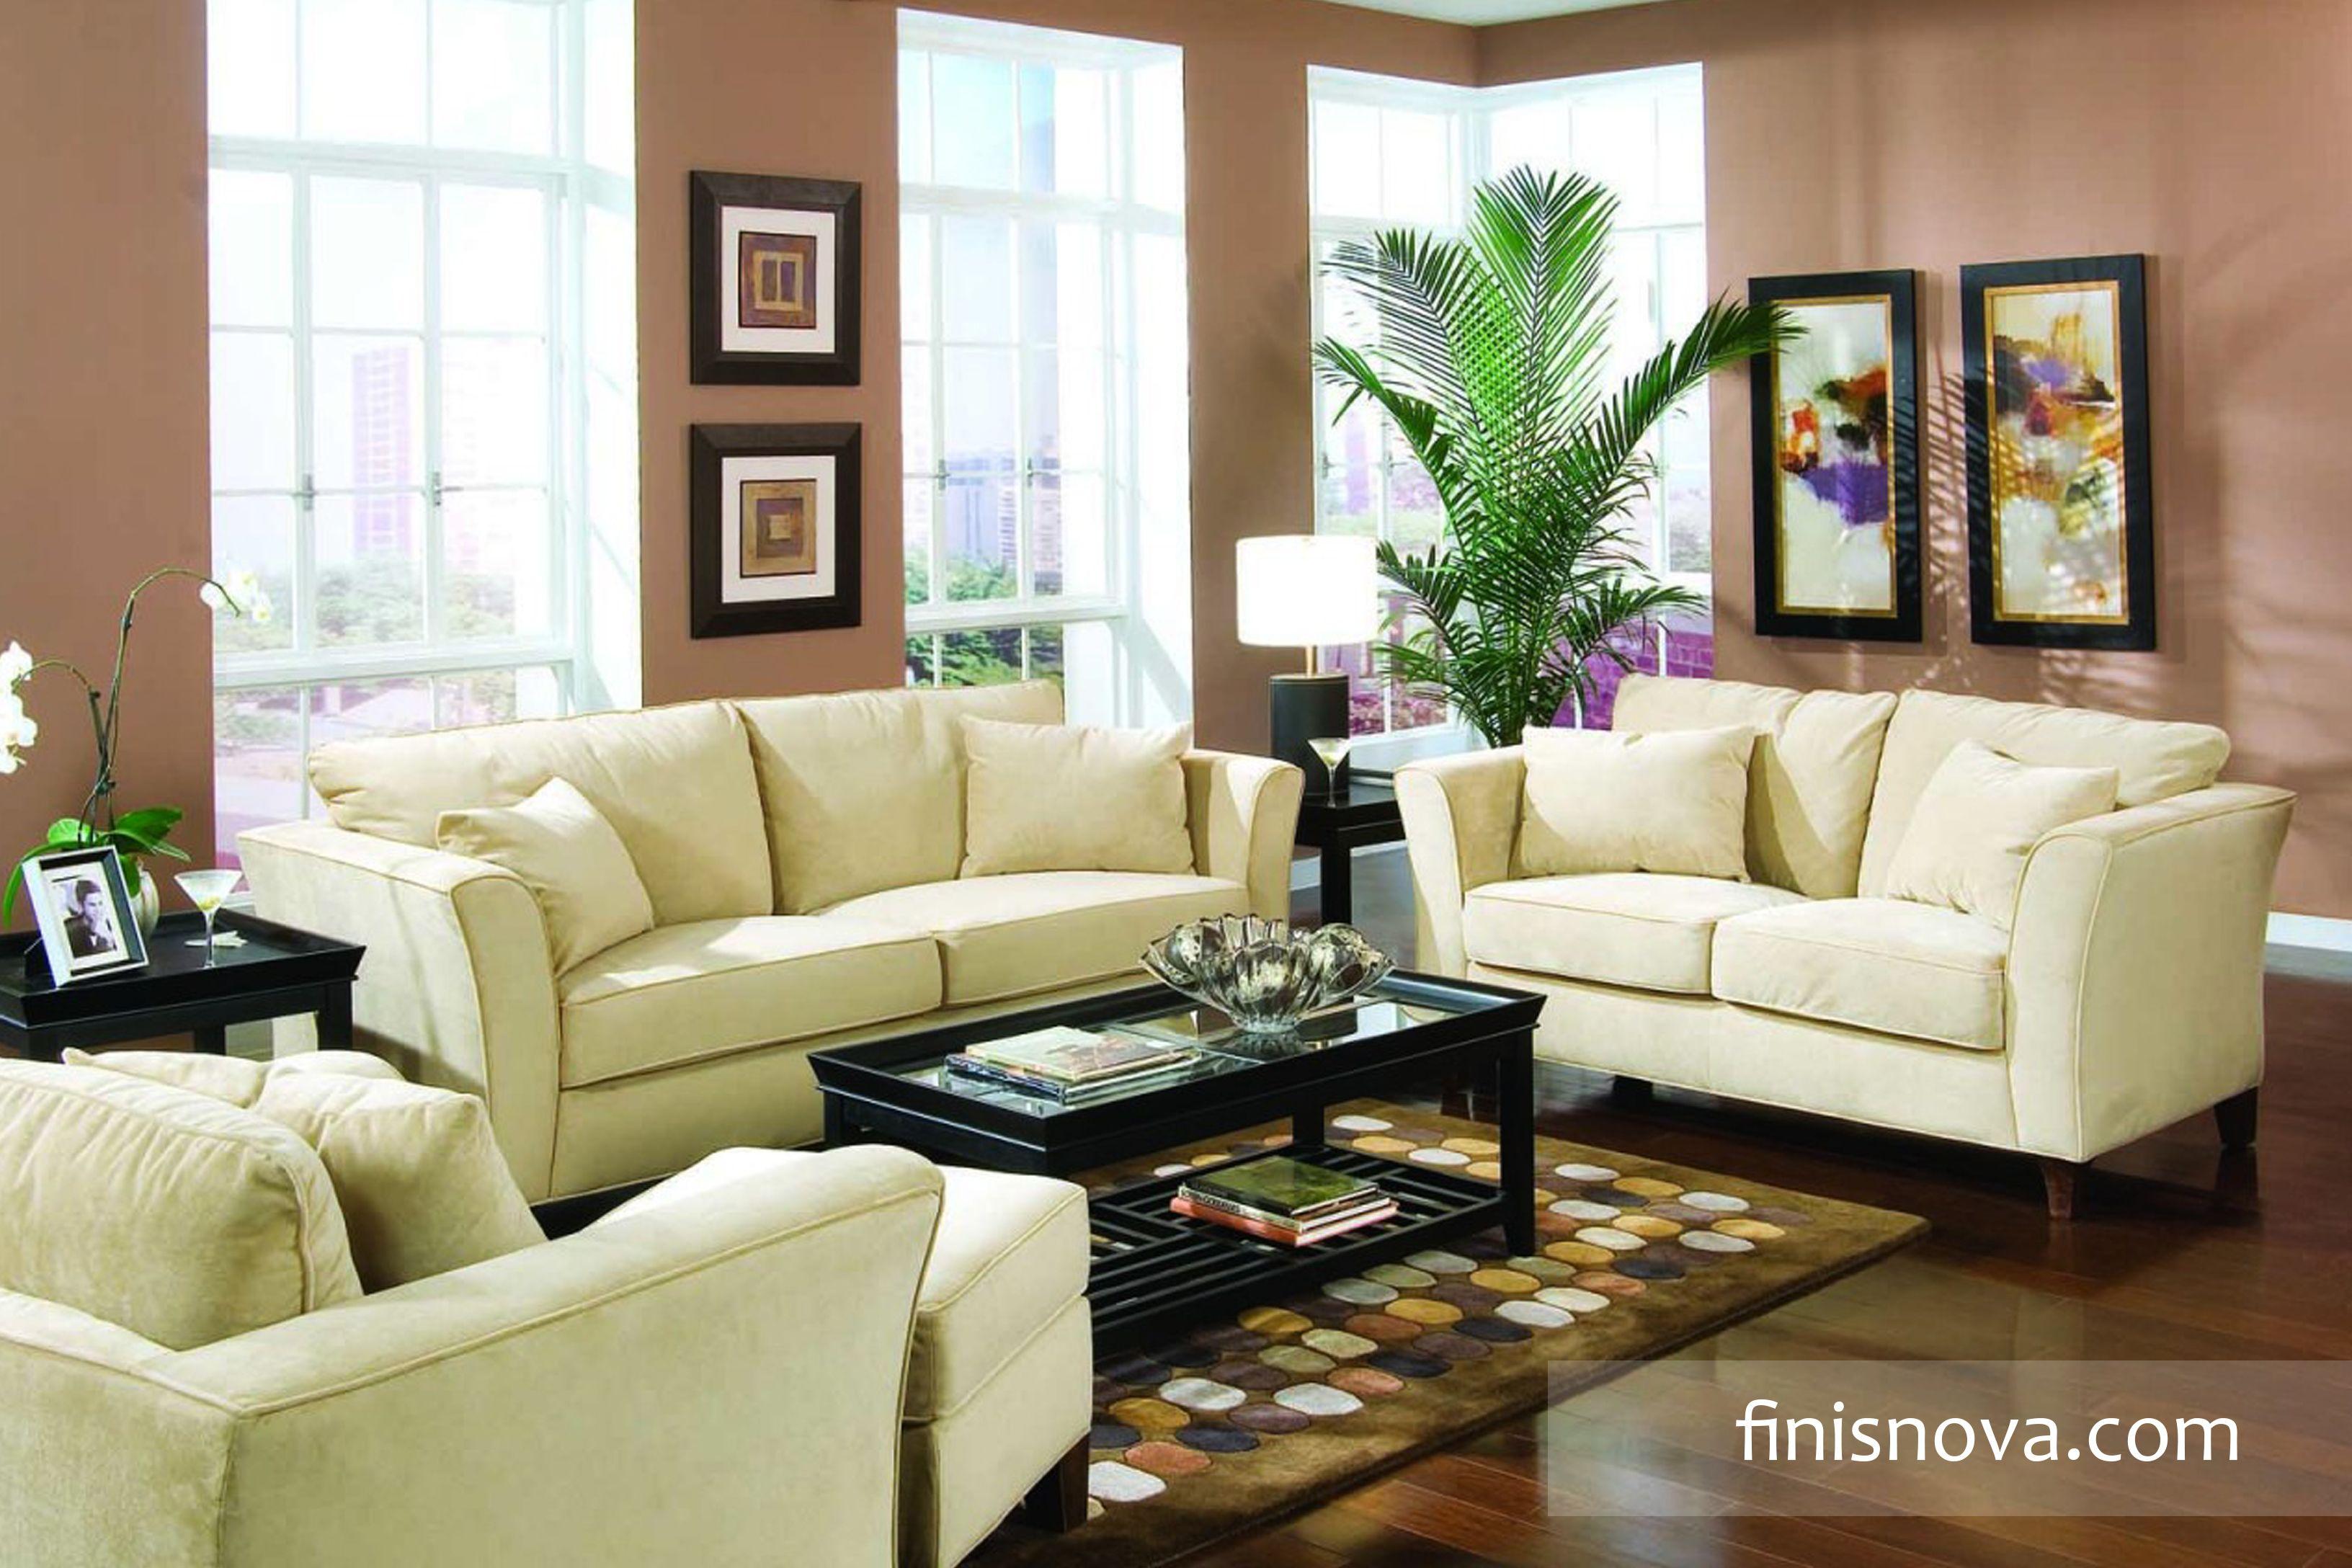 Decoración Living Decora Tu Living Con Colores Claros, Pon Plantas Y  Sillones Cómodos. Www · Living Room Decorating IdeasIdeas ...